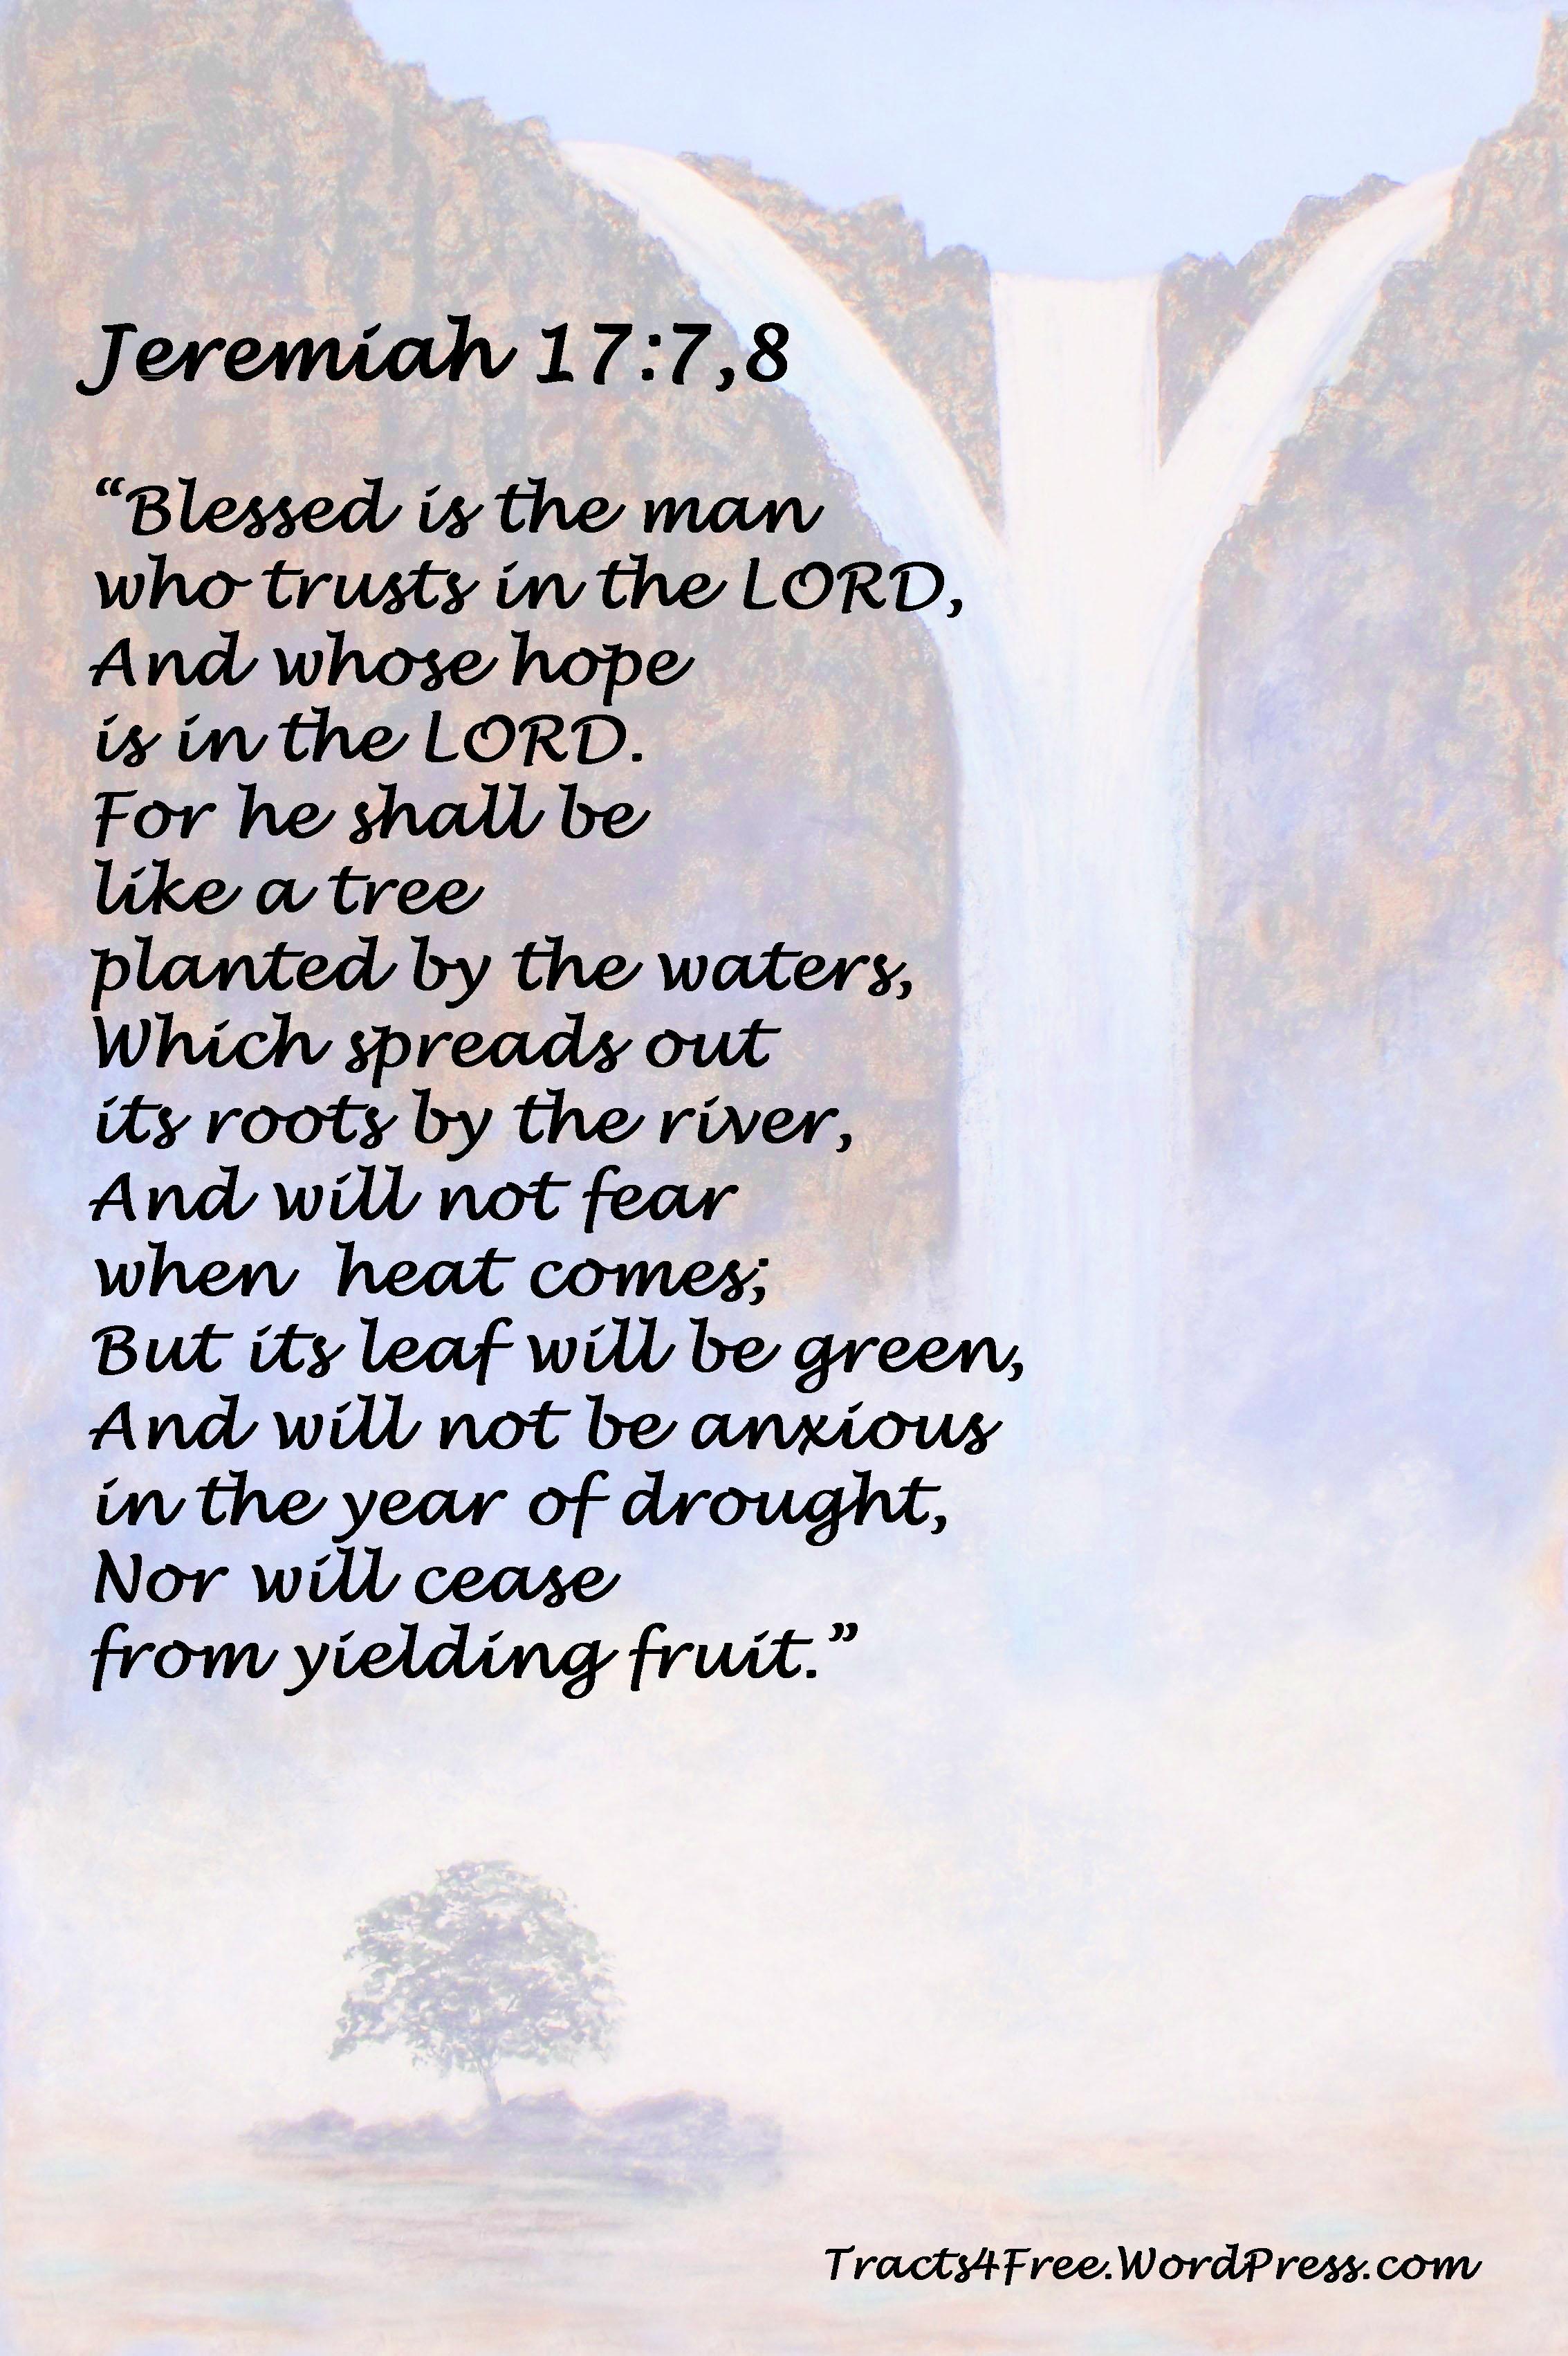 Beautiful Wallpaper Marble Bible Verse - jeremiah  Snapshot_242485.jpg